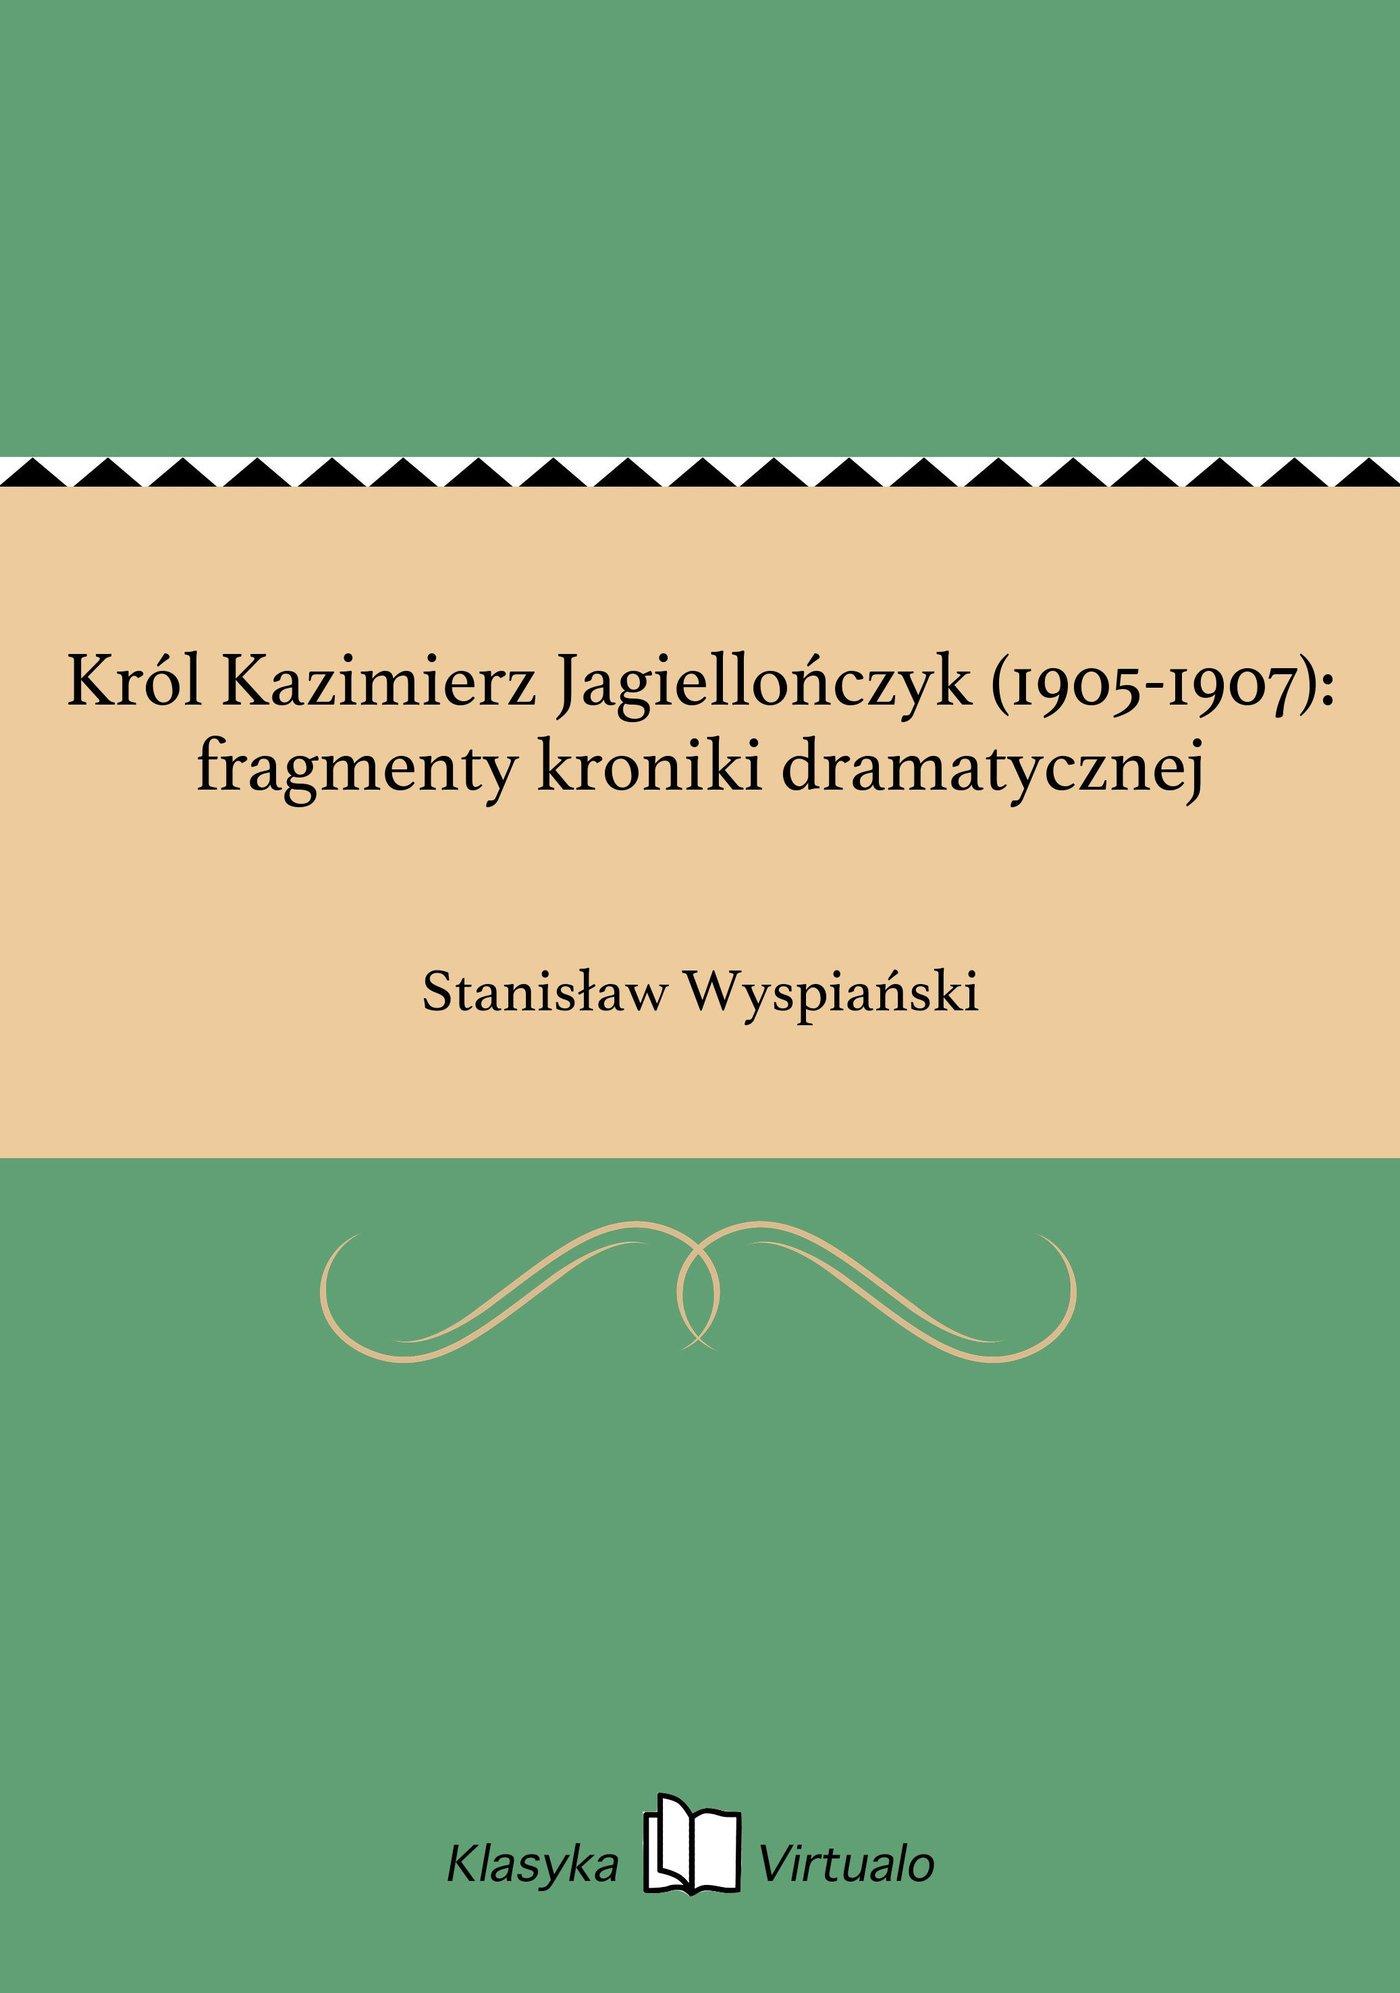 Król Kazimierz Jagiellończyk (1905-1907): fragmenty kroniki dramatycznej - Ebook (Książka EPUB) do pobrania w formacie EPUB